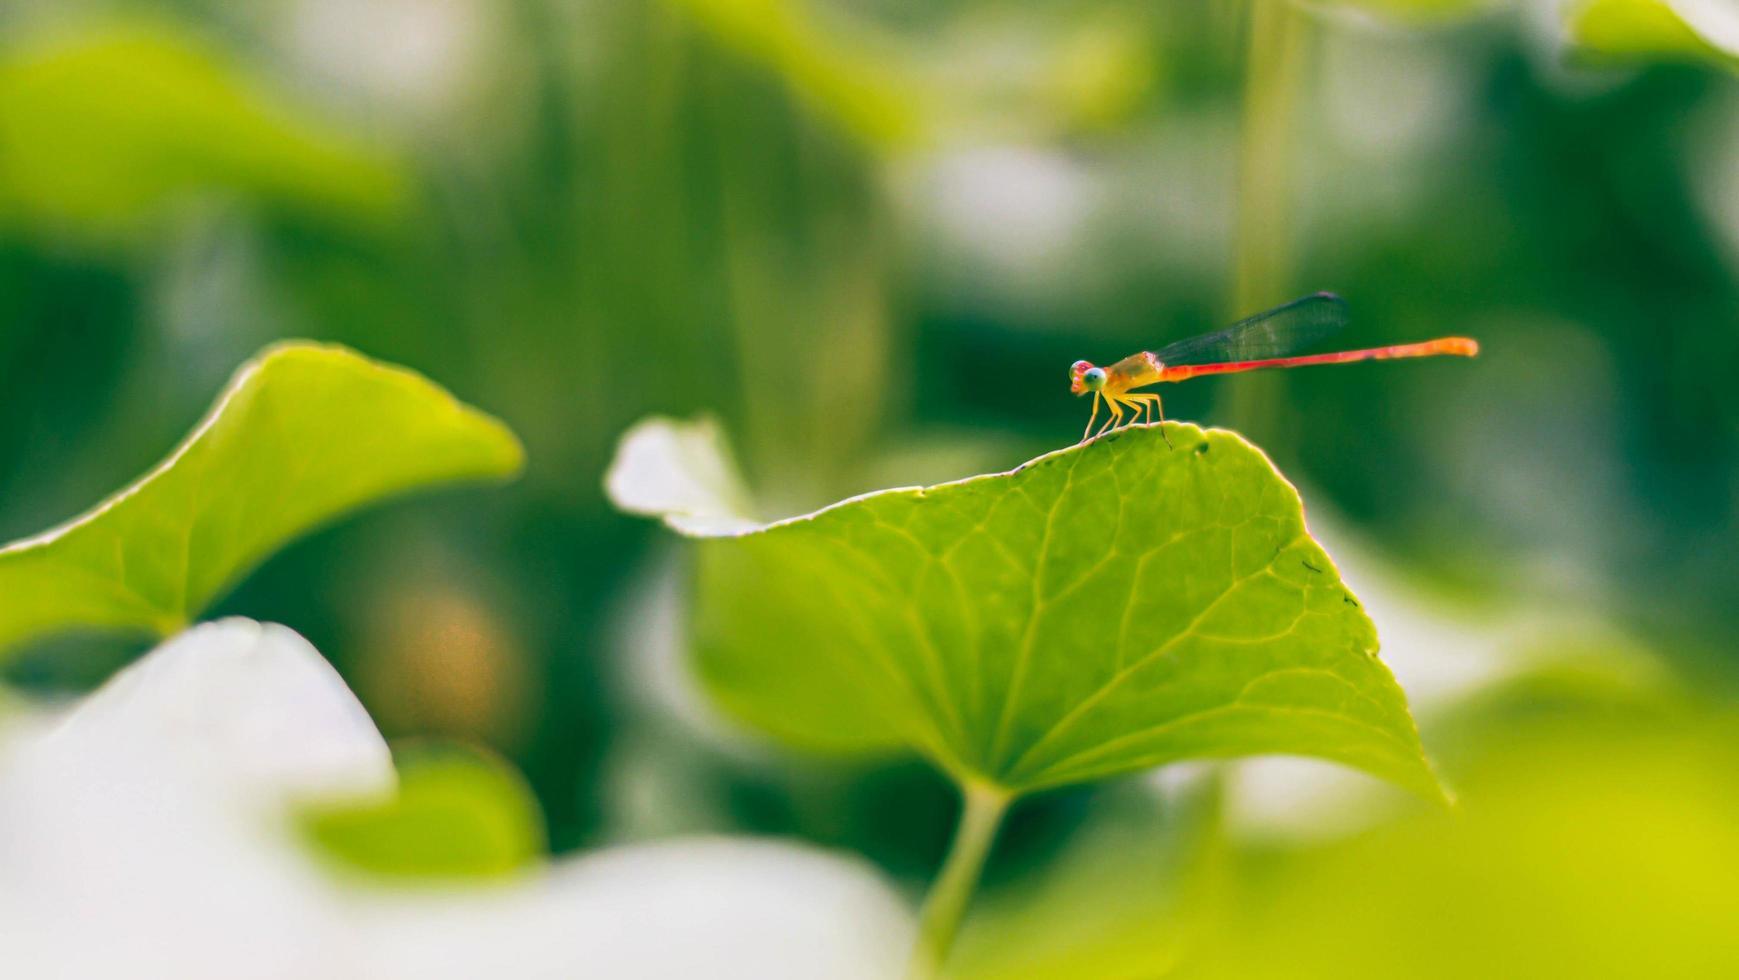 libellule sur feuilles vertes photo